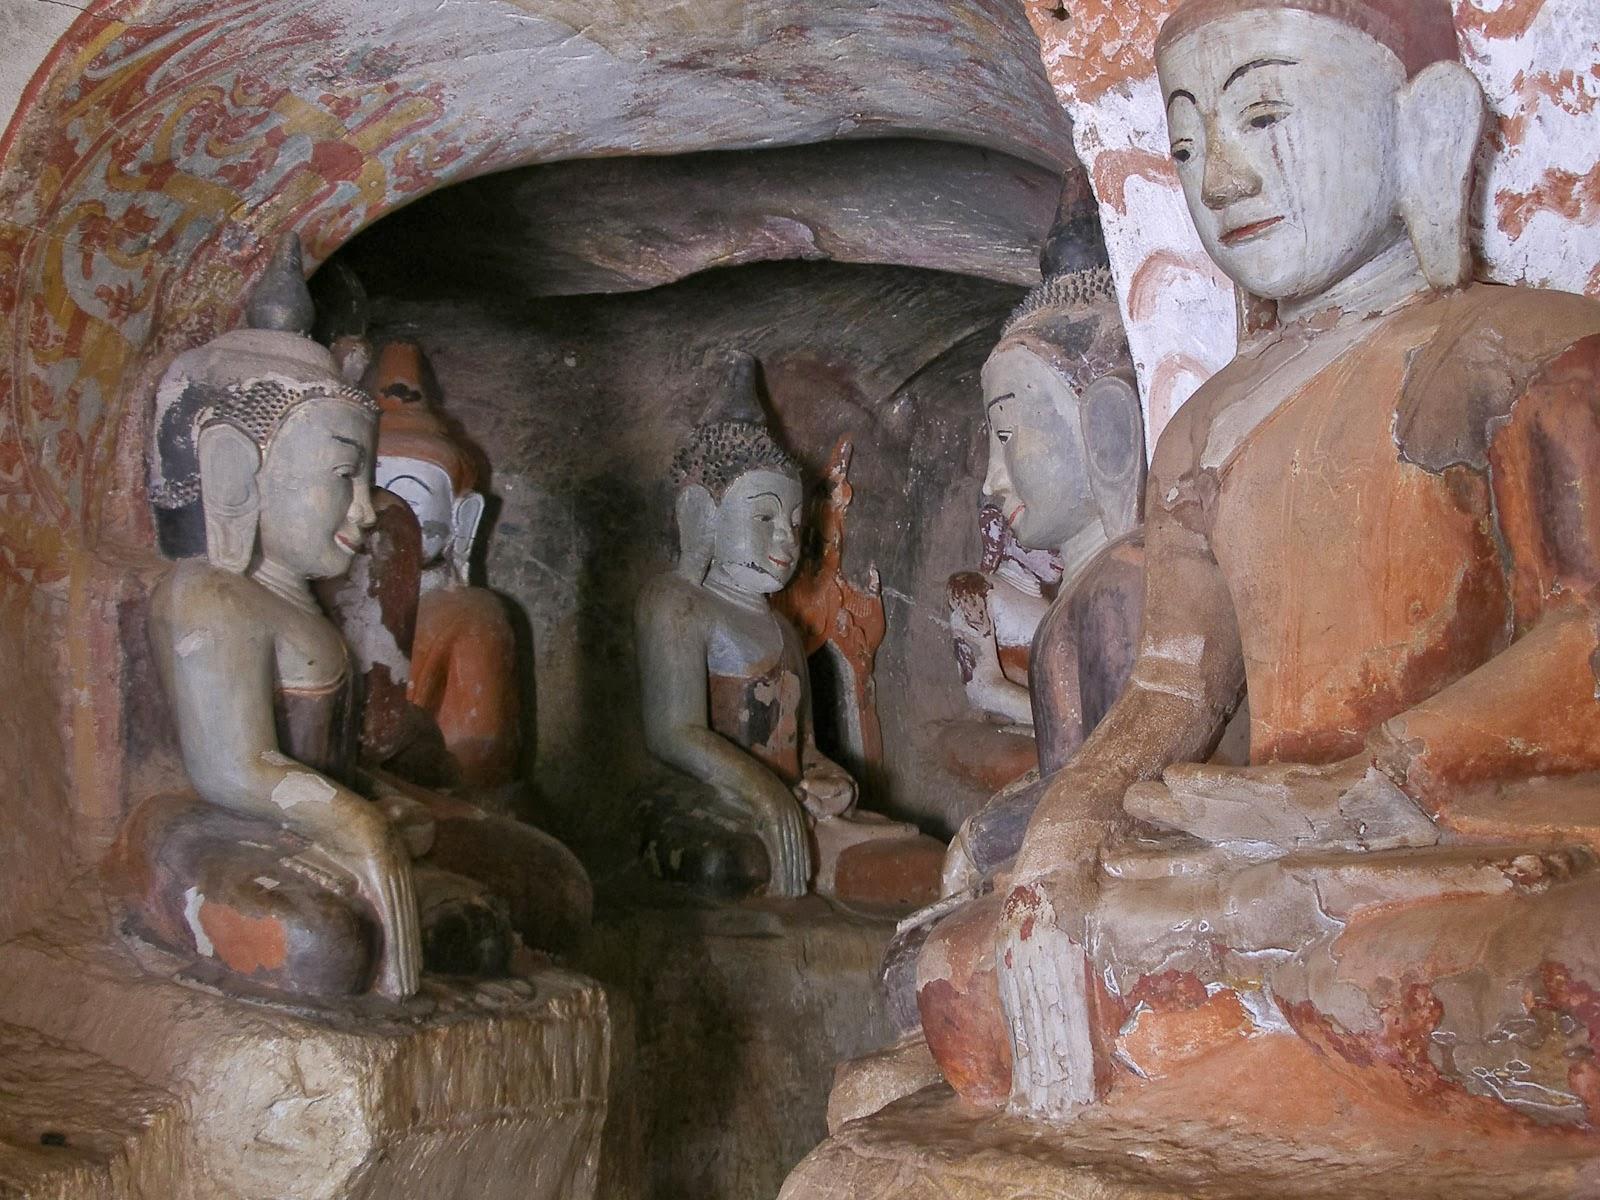 พระพุทธรูปในถ้ำ Hpo Win Daung